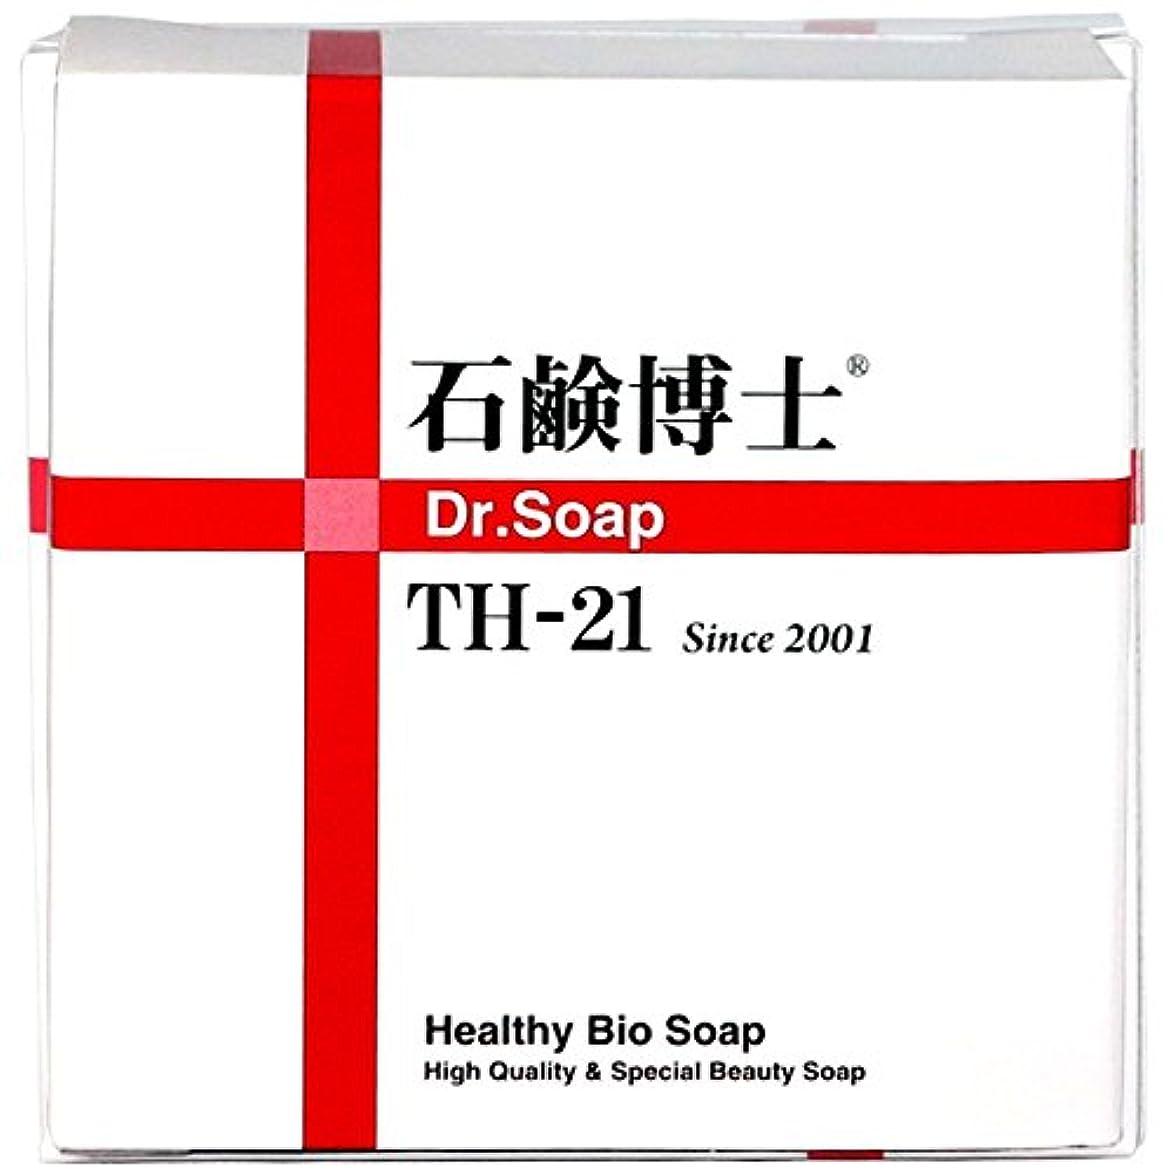 しおれたコイン人事ミネラルと分解酵素で洗顔しながらスキンケア 石鹸博士 DRソープ石鹸 Dr.Soap TH-21 100g